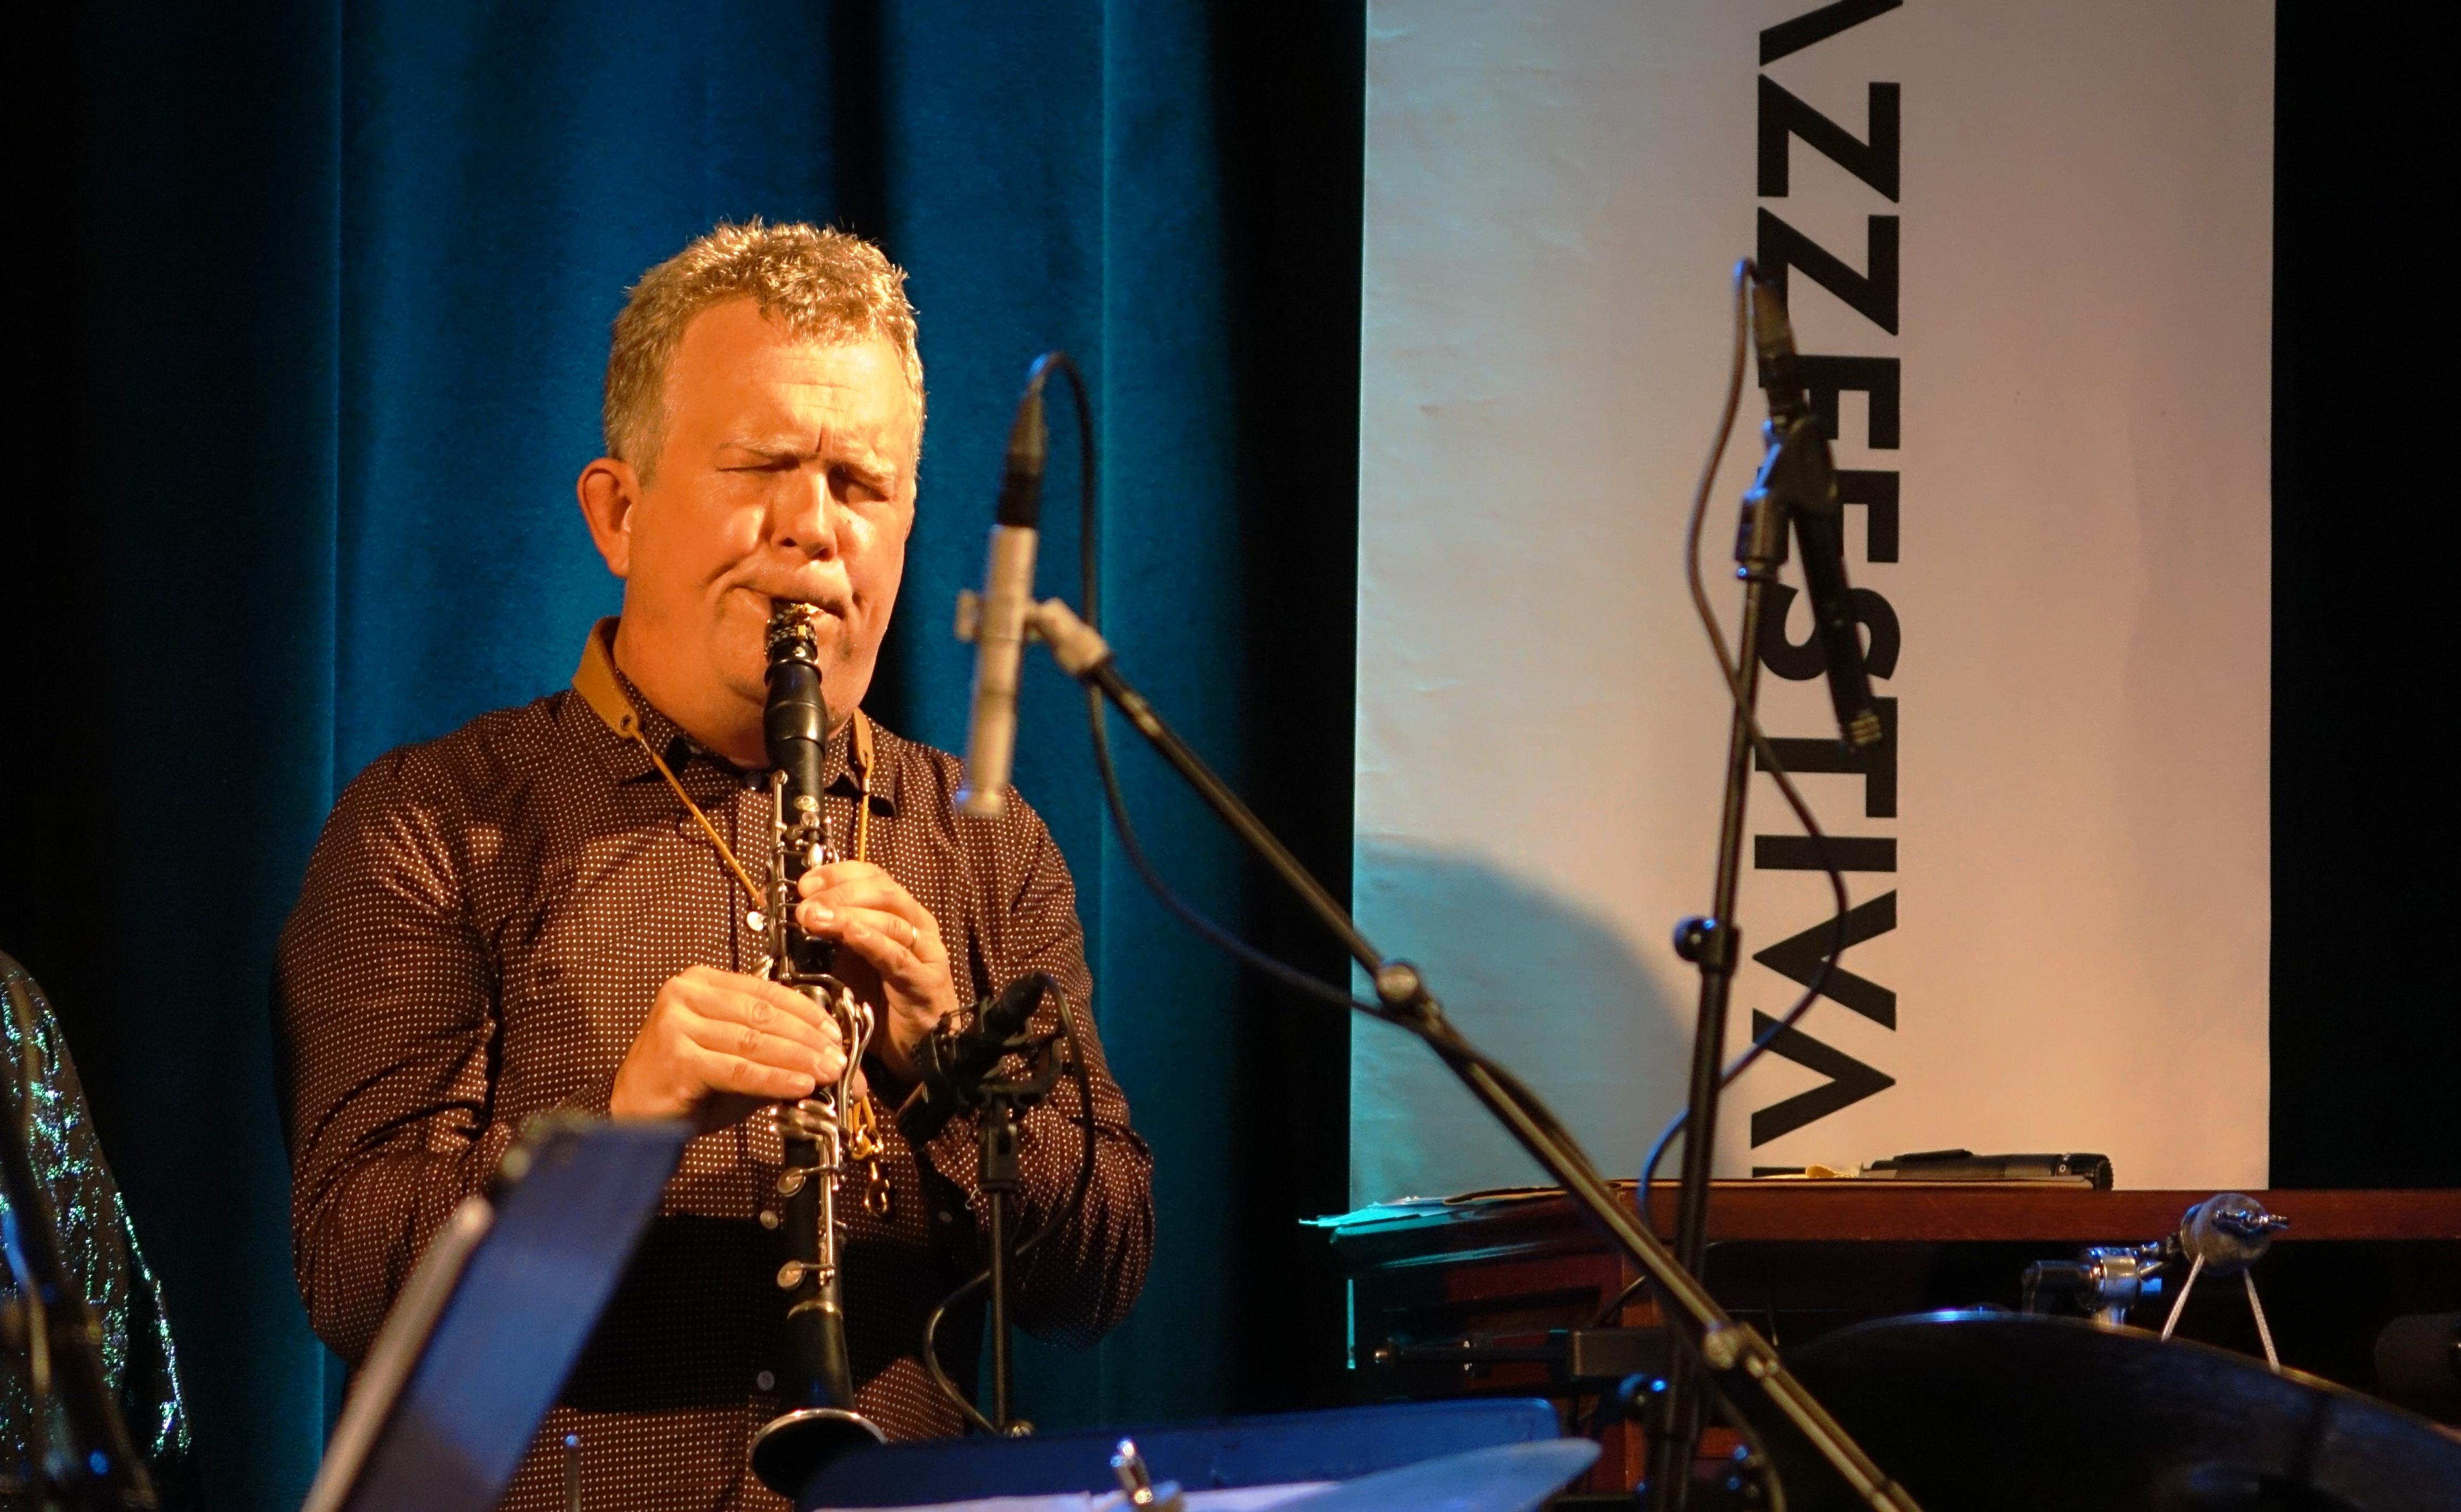 Fredrik Ljungjvist at Nasjonal Jazzscene Victoria, Oslo in August 2018